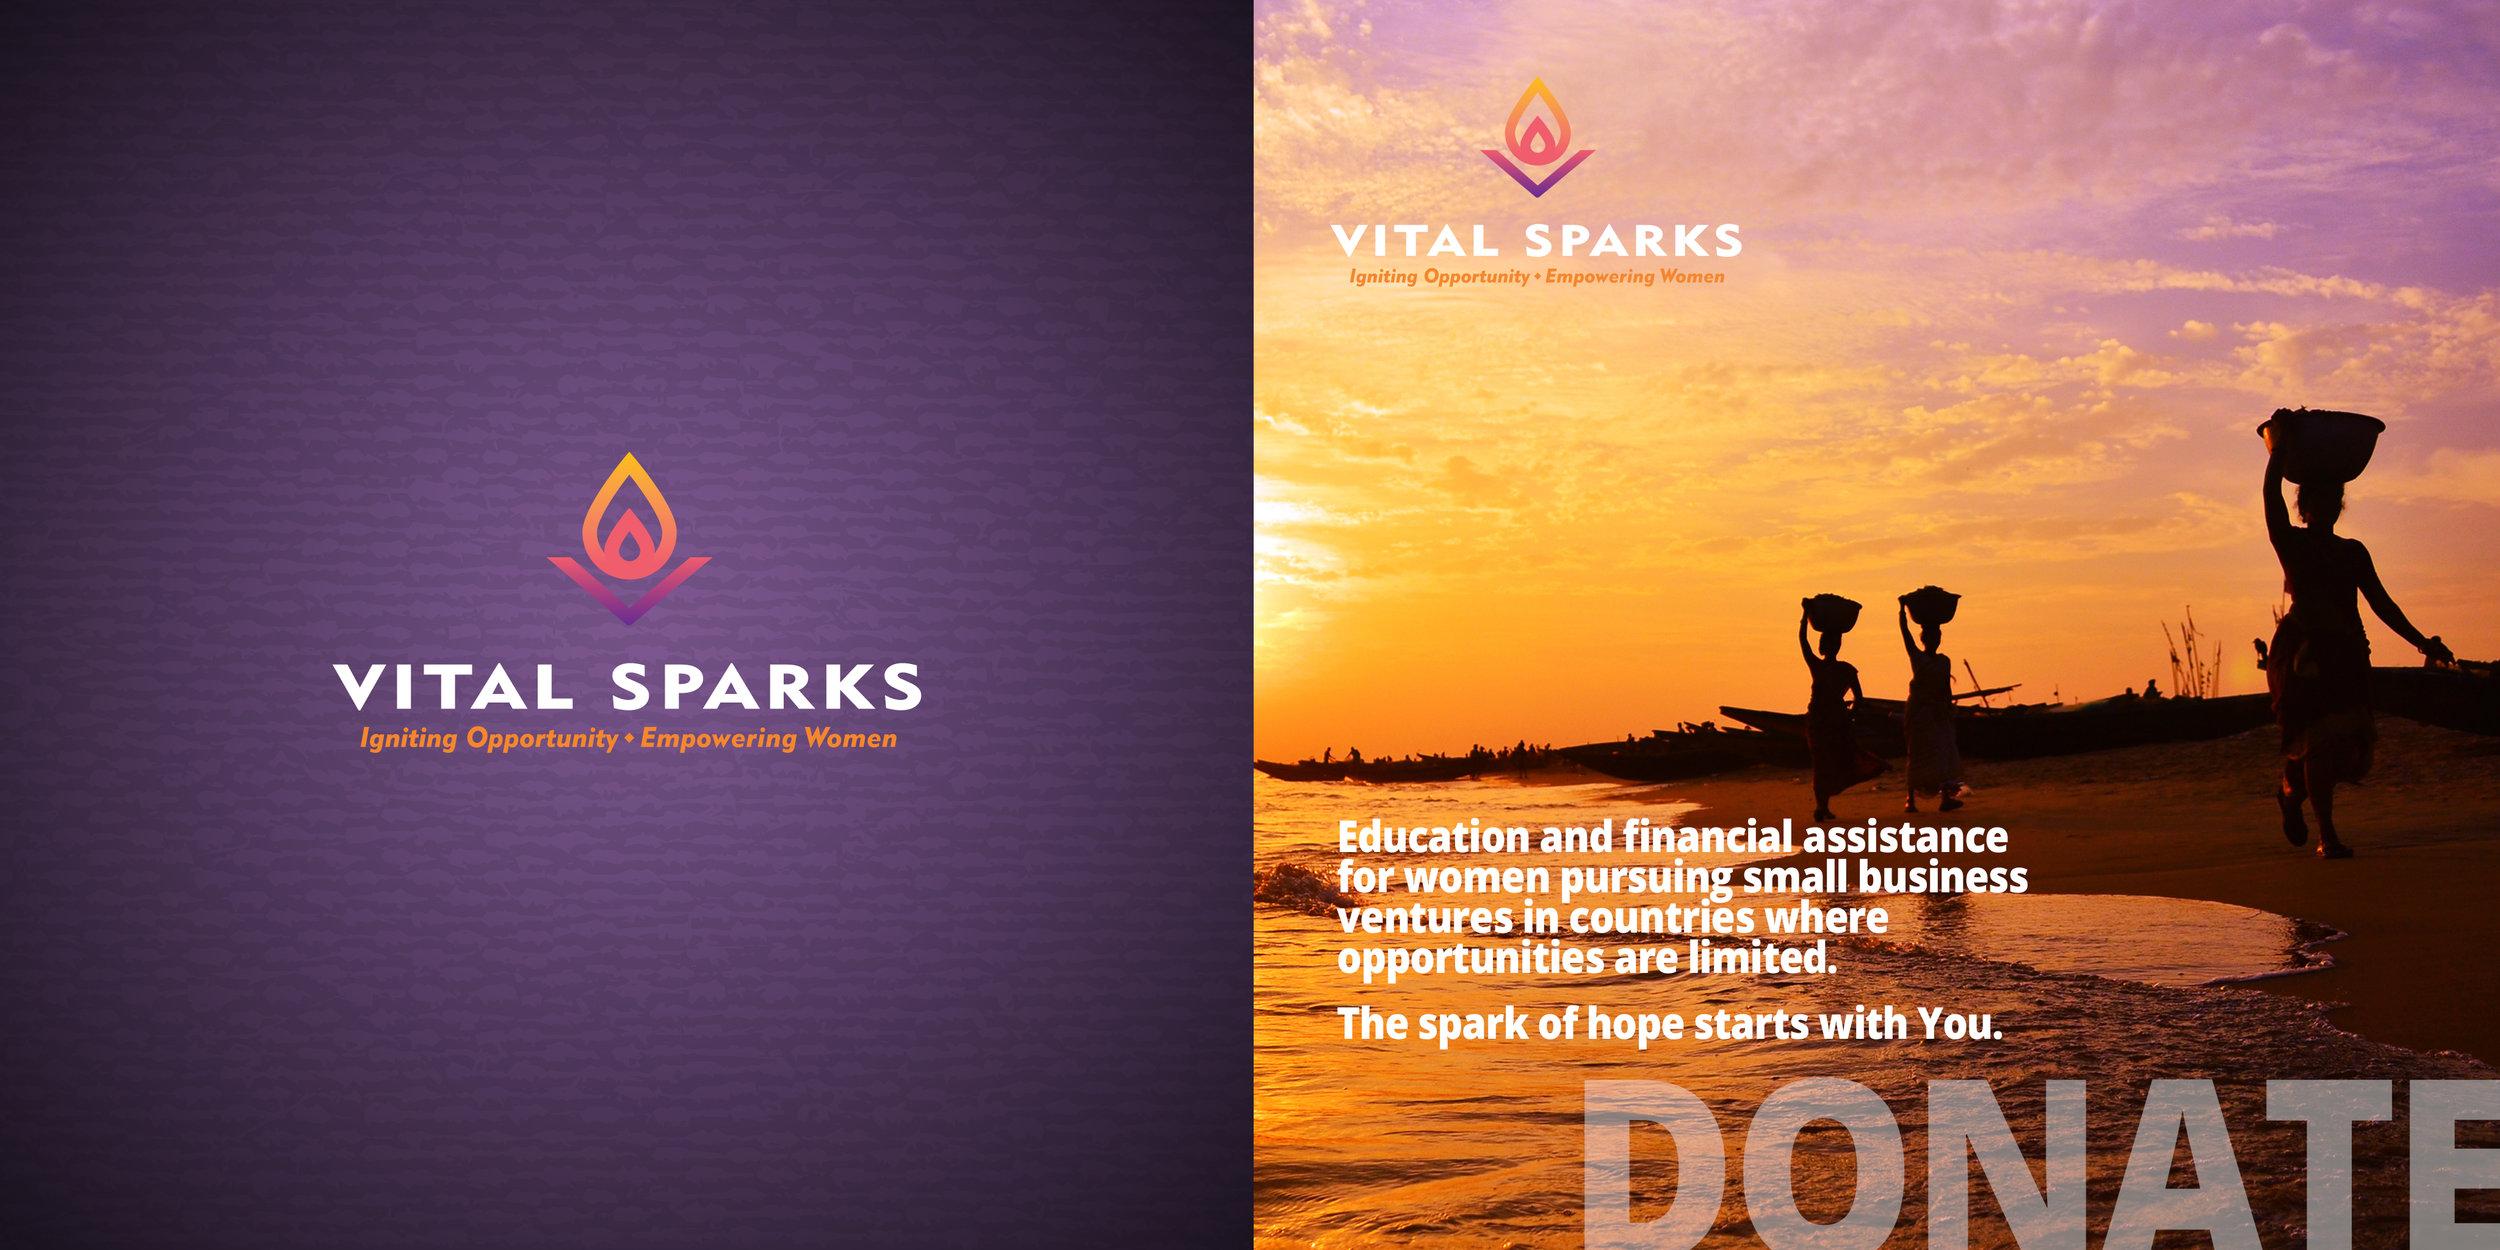 VS-logo-spread.jpg